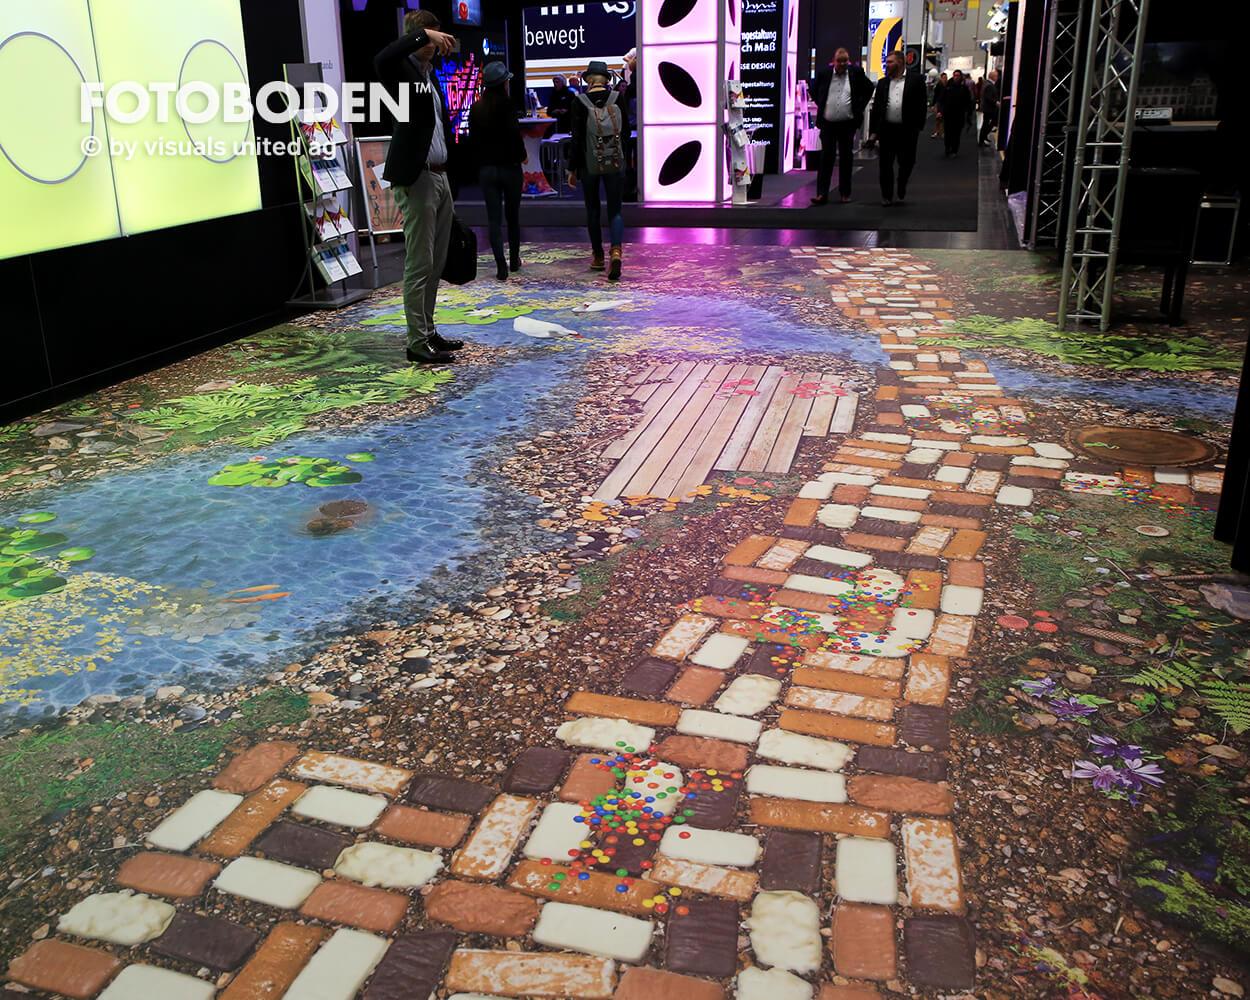 BOE2018 3 Fotoboden Messeboden Tradeshow Flooring Bodengestaltung Messe Bodendesign Messedesign Design Boden Messegestaltung